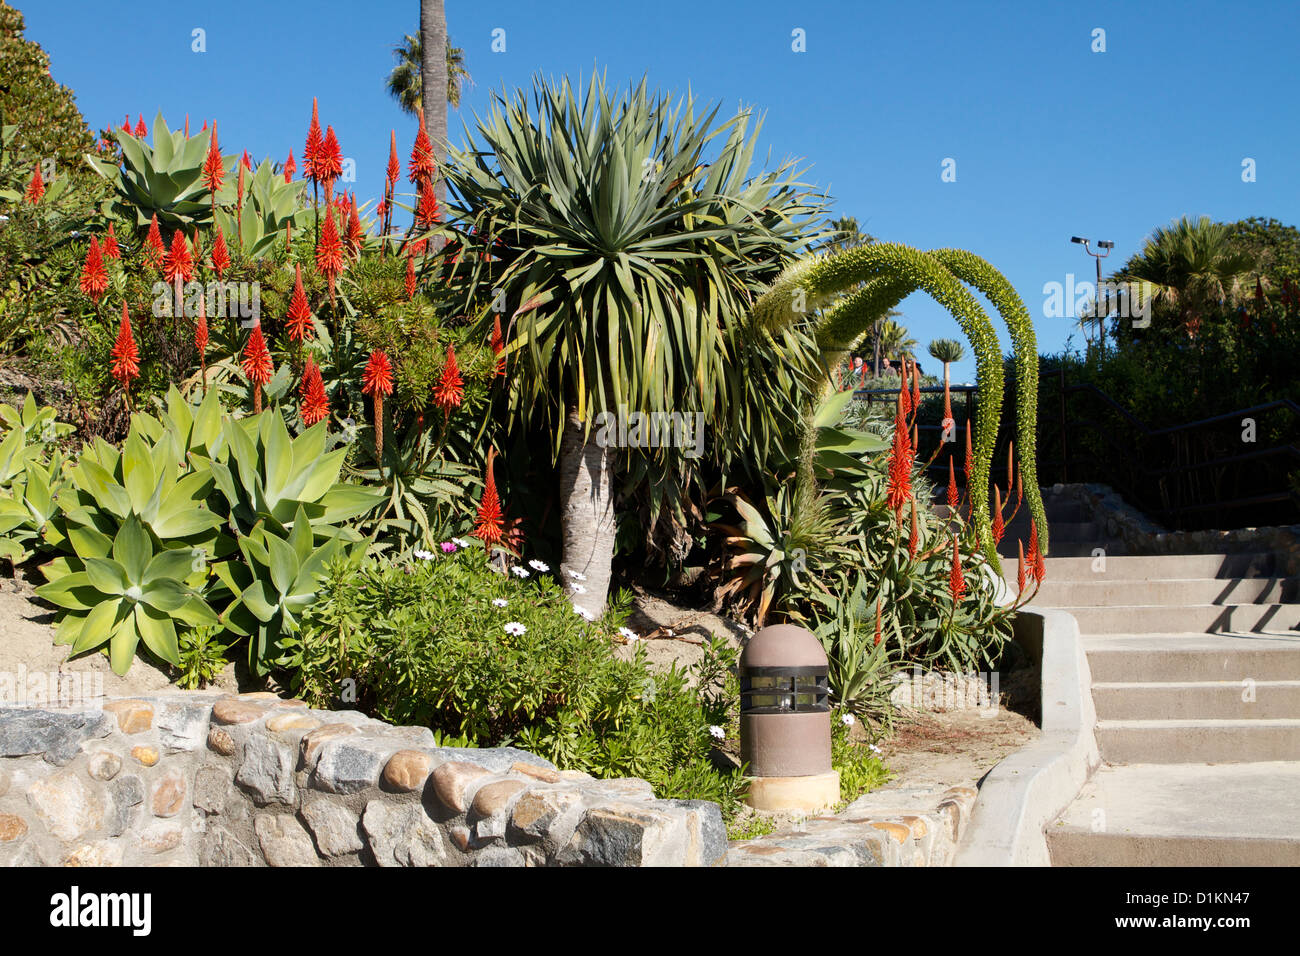 Aloe Vera und tropische Pflanzen blühen im Heisler Park ...  Aloe Vera und t...